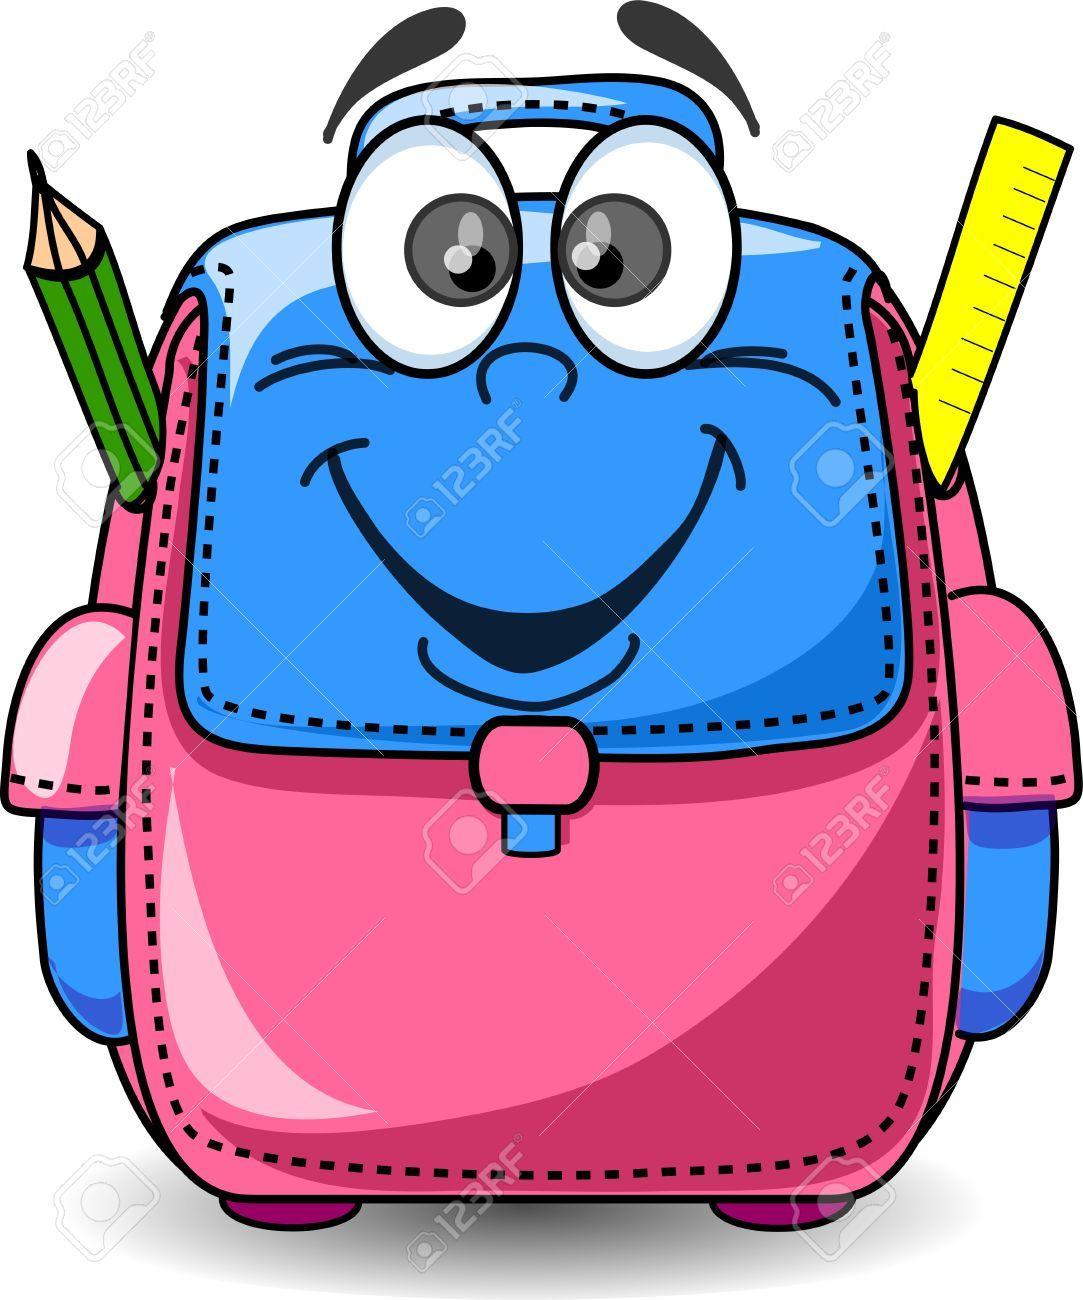 1083x1300 Resultado De Imagen De Dibujos Infantiles Lapices Banco De Ideas